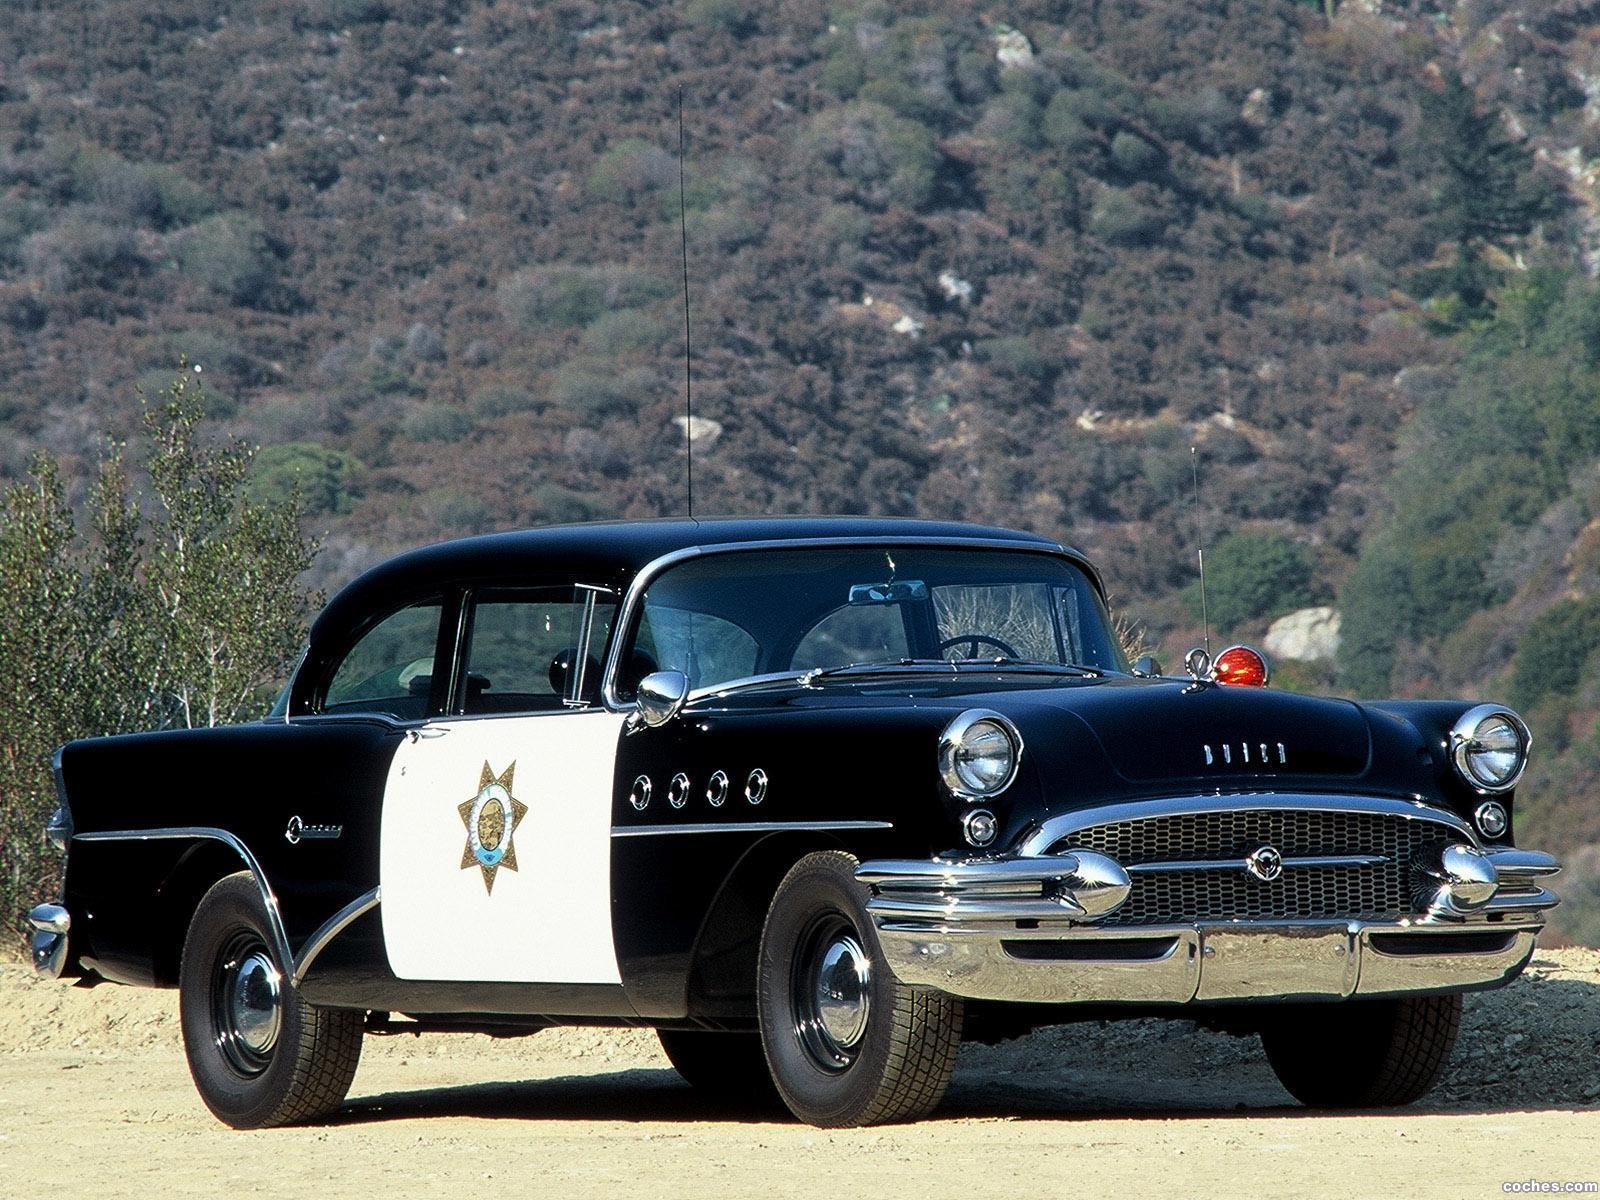 Foto 0 de Buick Century dos puertas Sedan Highway Patrol Police Car 1955